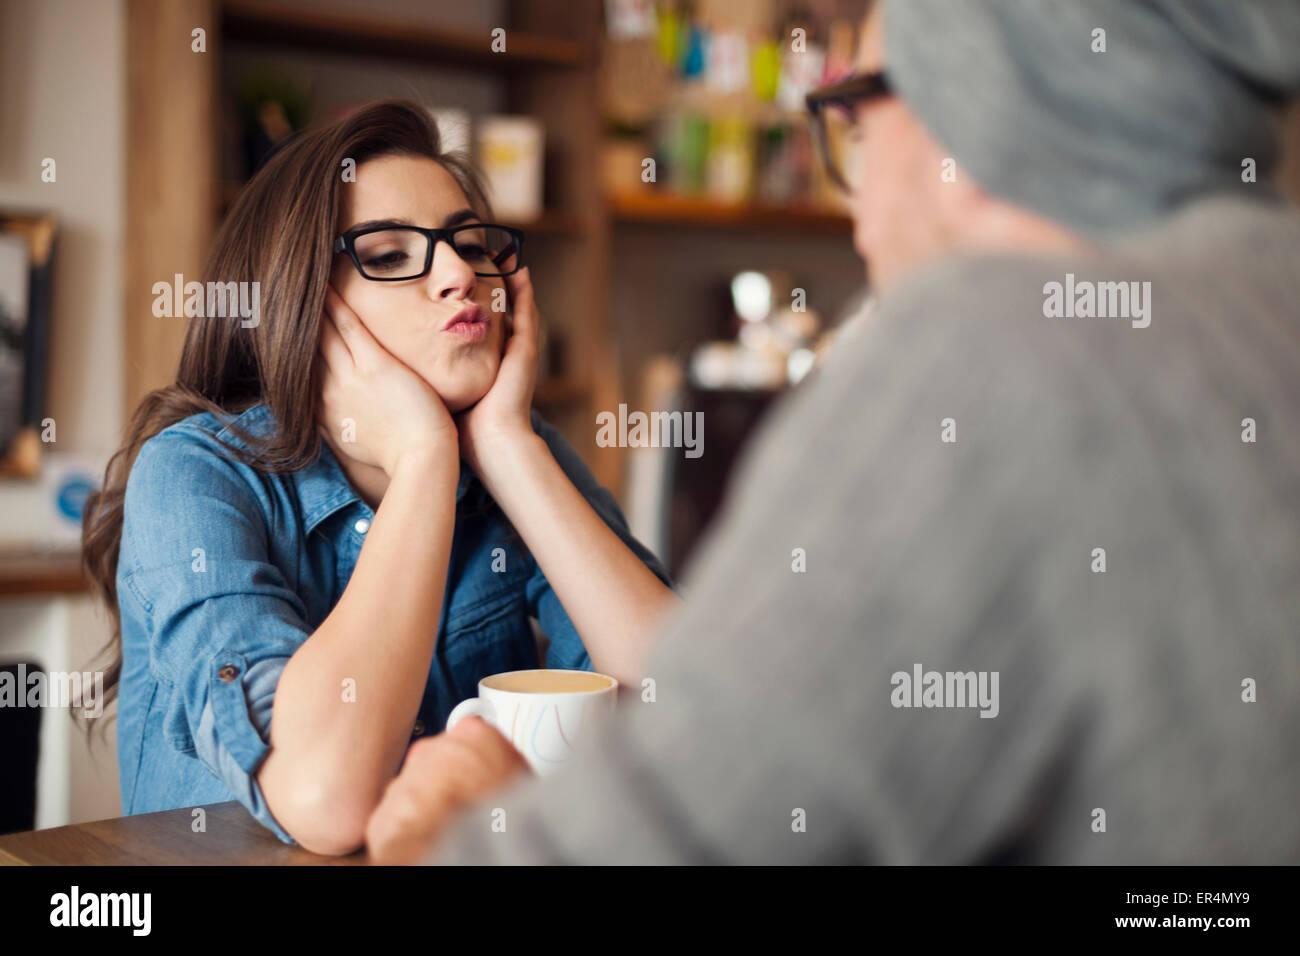 Mujer amante soplando besos a su novio en la cafetería. Cracovia, Polonia Imagen De Stock